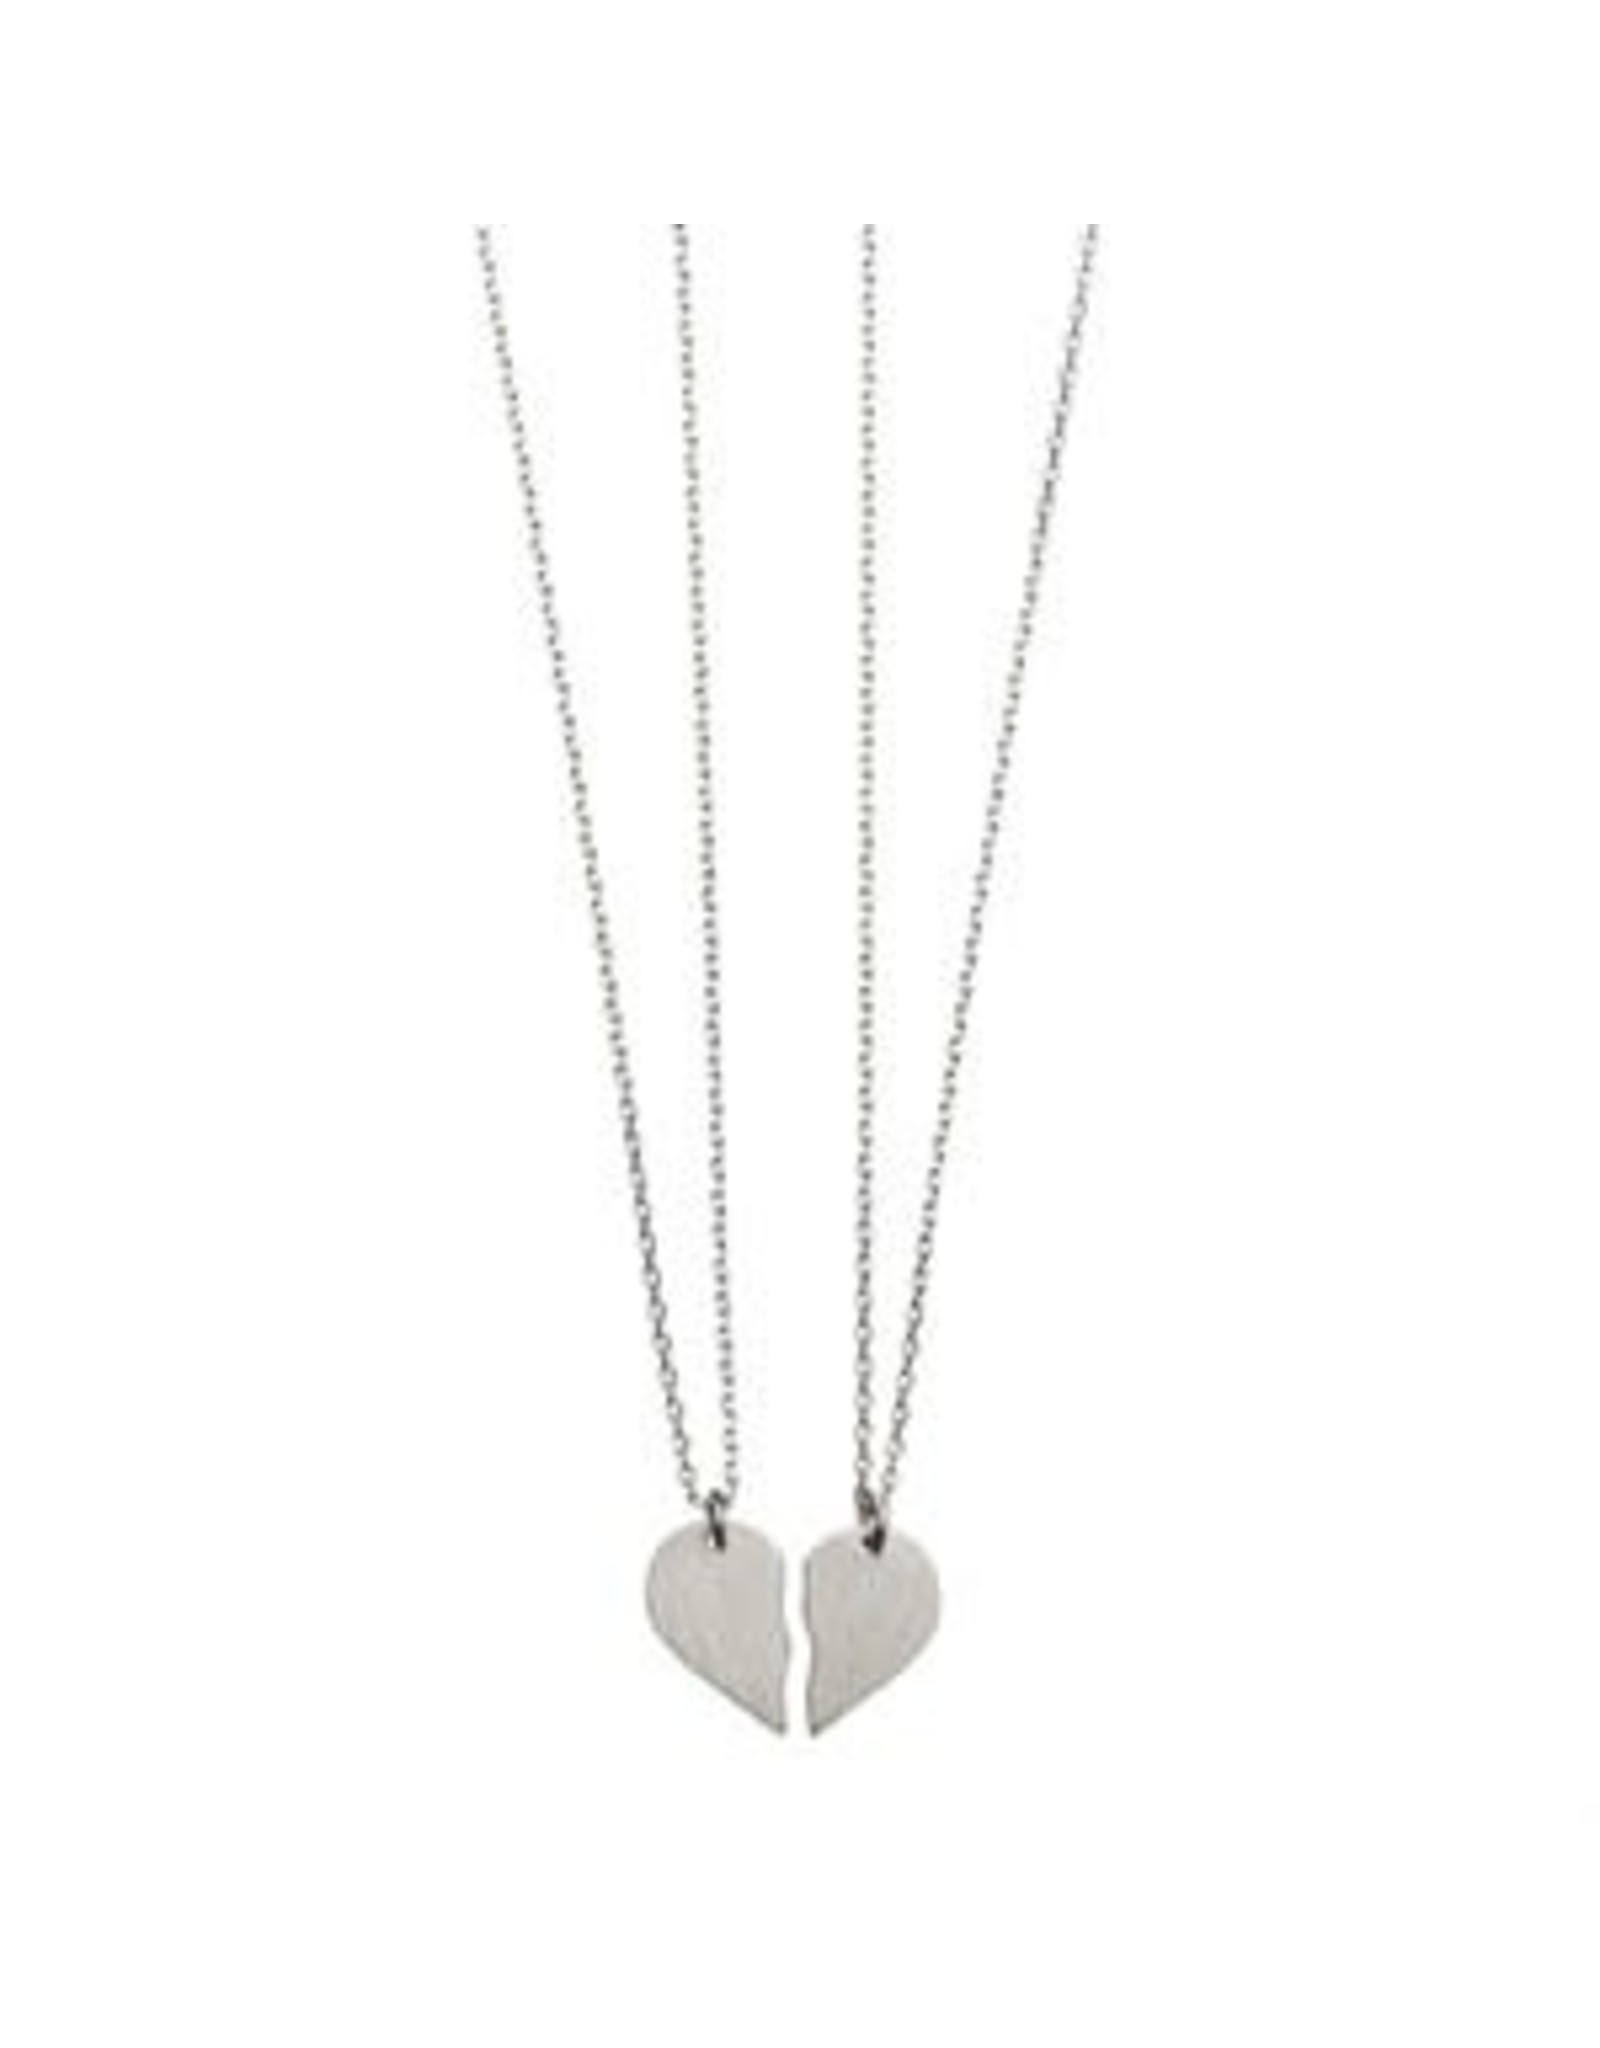 Timi necklaces - broken heart (silver)